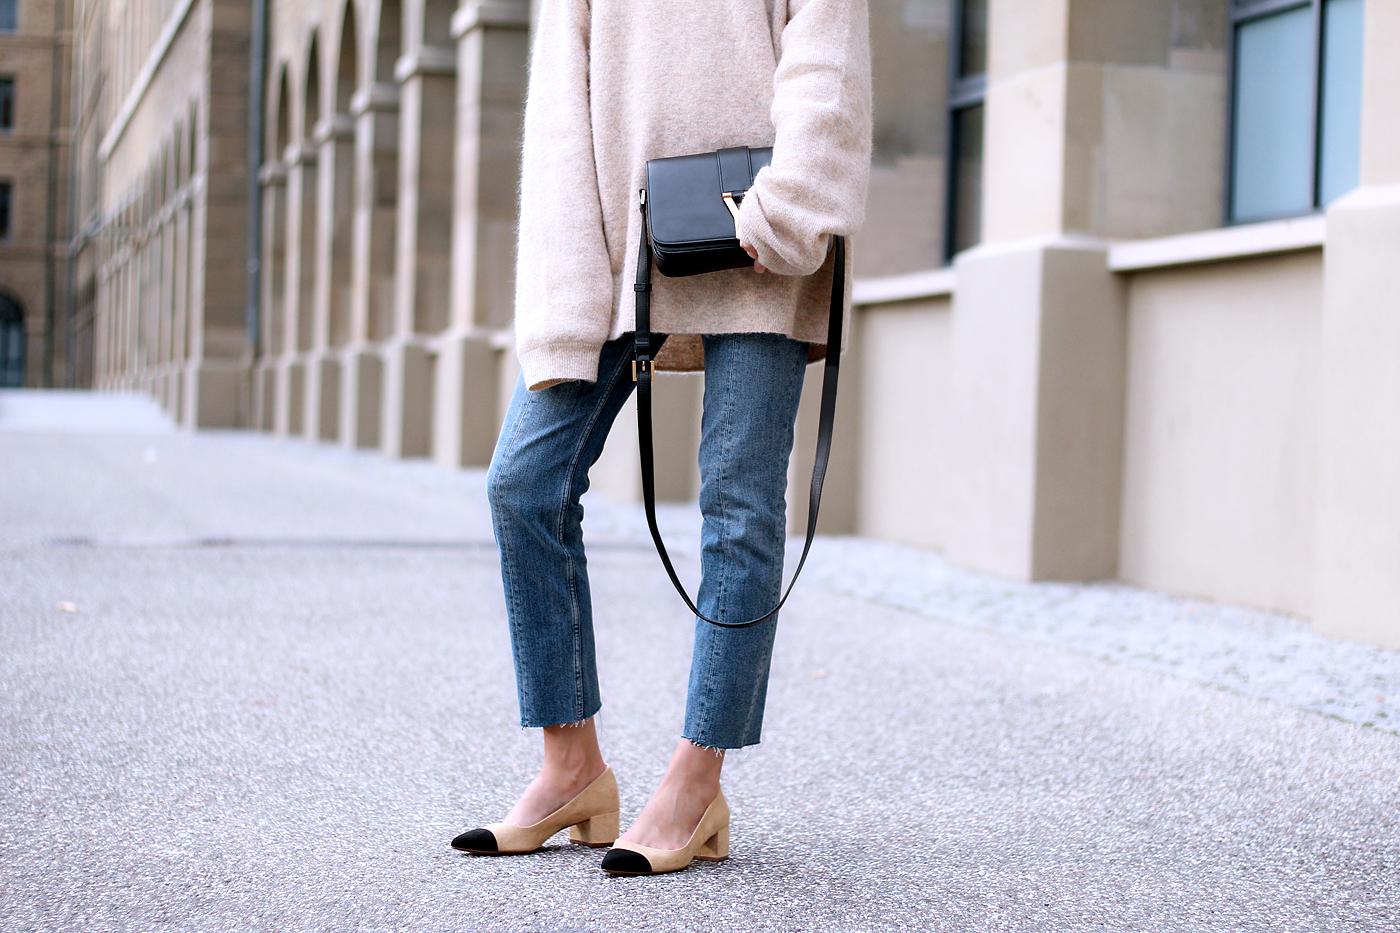 somehappyshoes_fashionblog_hm_mohair_sweater_oversized4